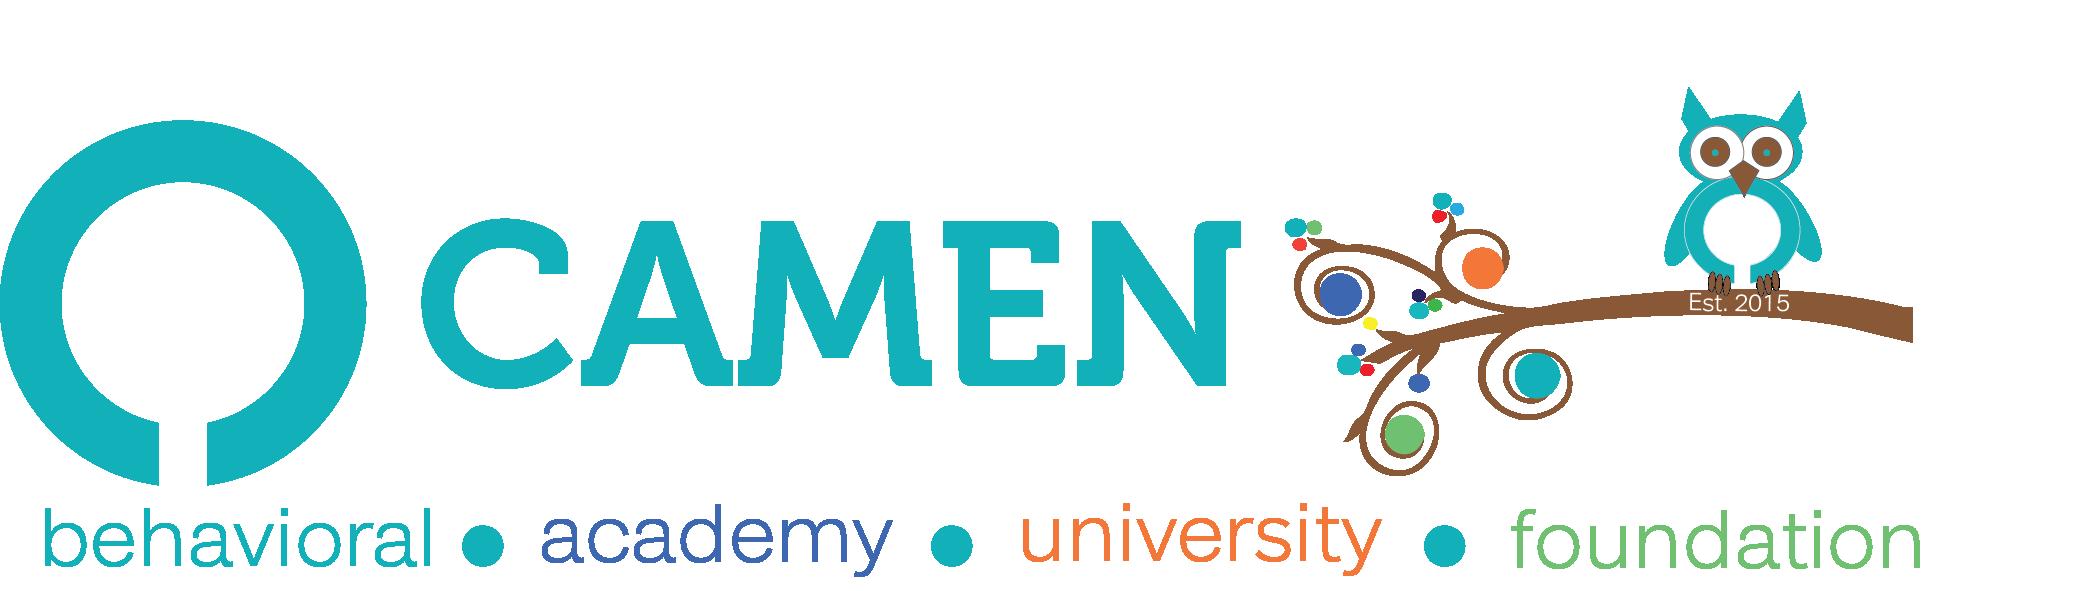 Camen Foundation